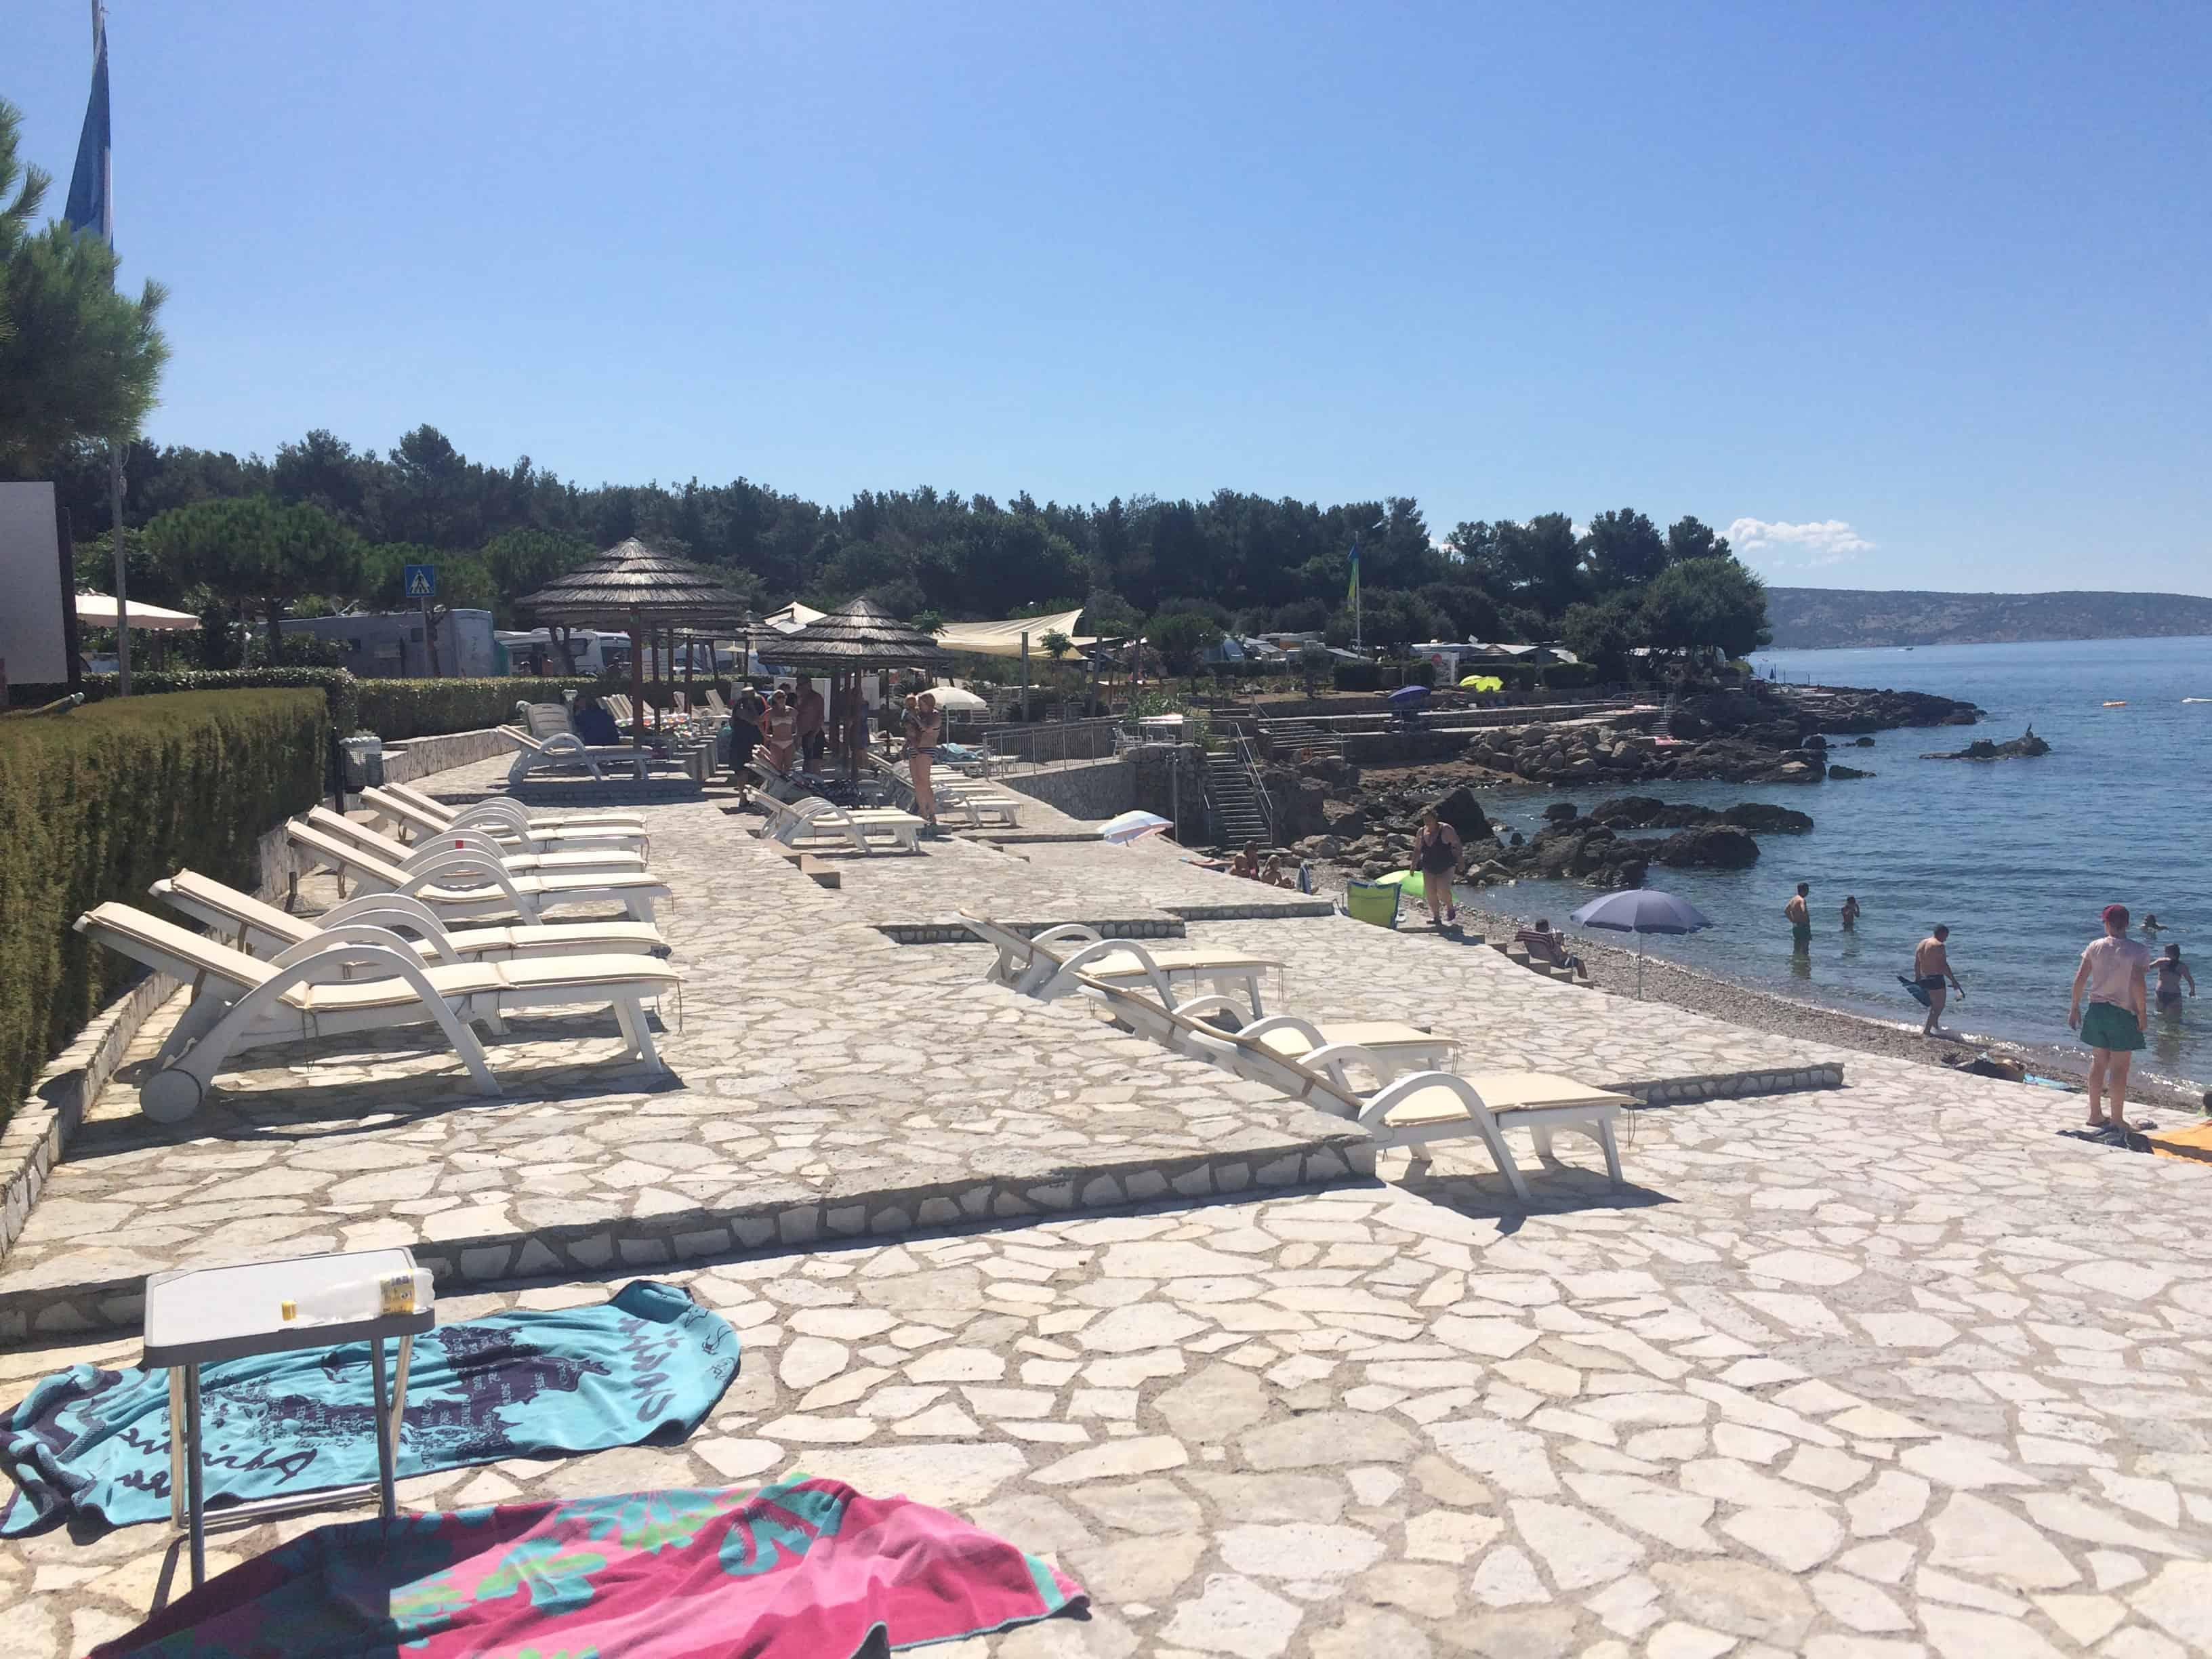 Udobne plaže z ležalniki, kjer odrasli upajo na počitek :) (Kamp Krk, Hrvaška)